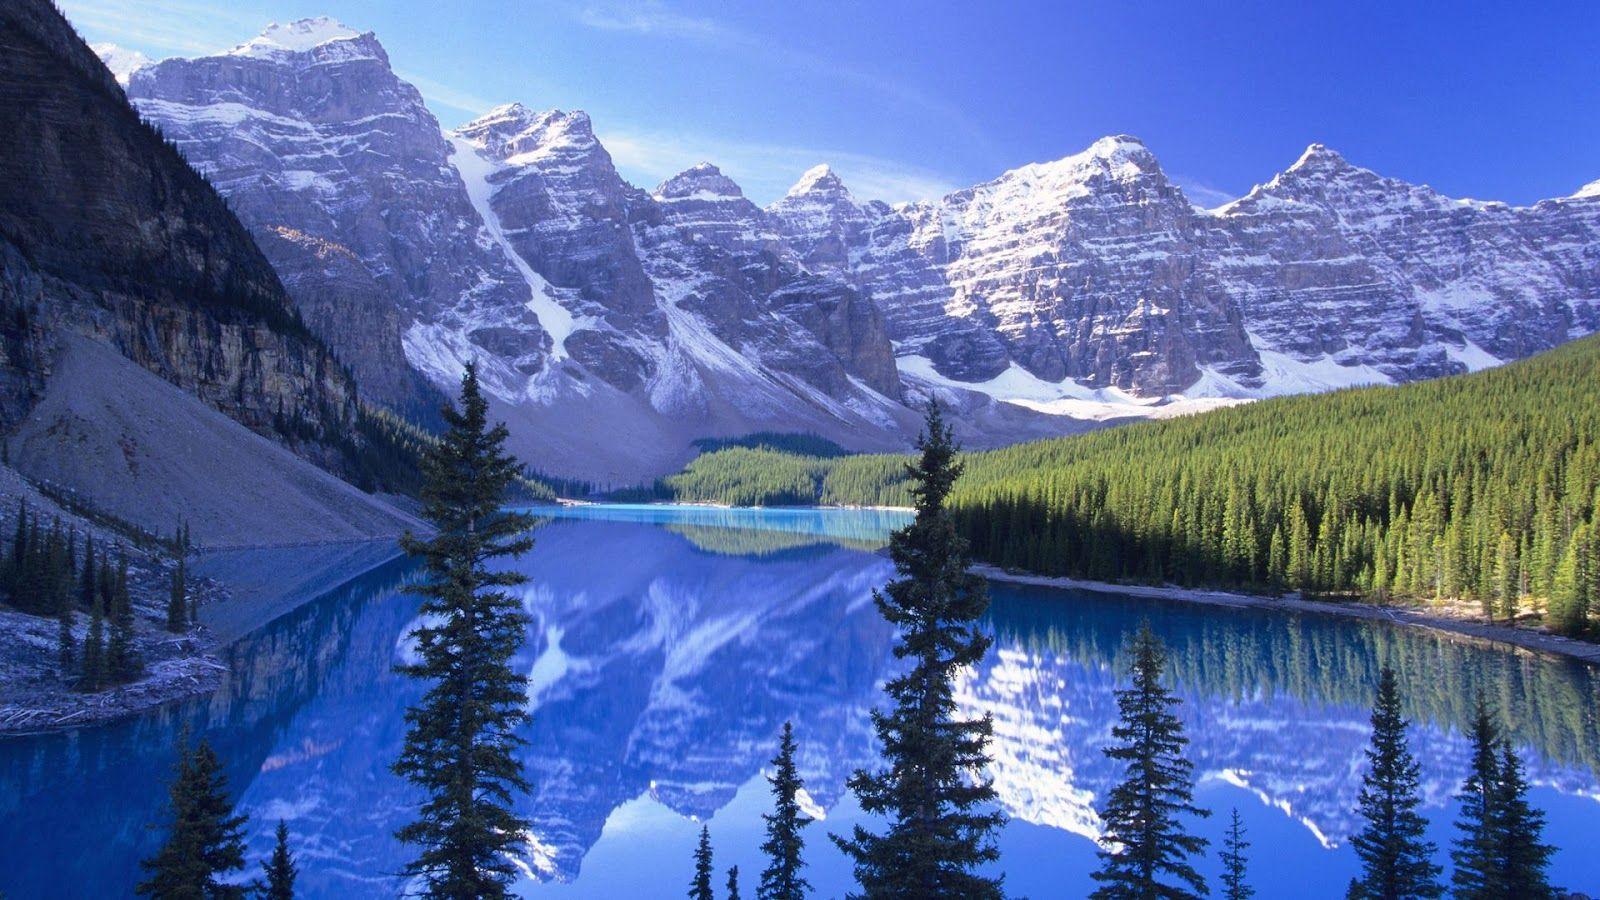 Bộ sưu tập núi nền 1600x900 trên hình nền núi đẹp HD